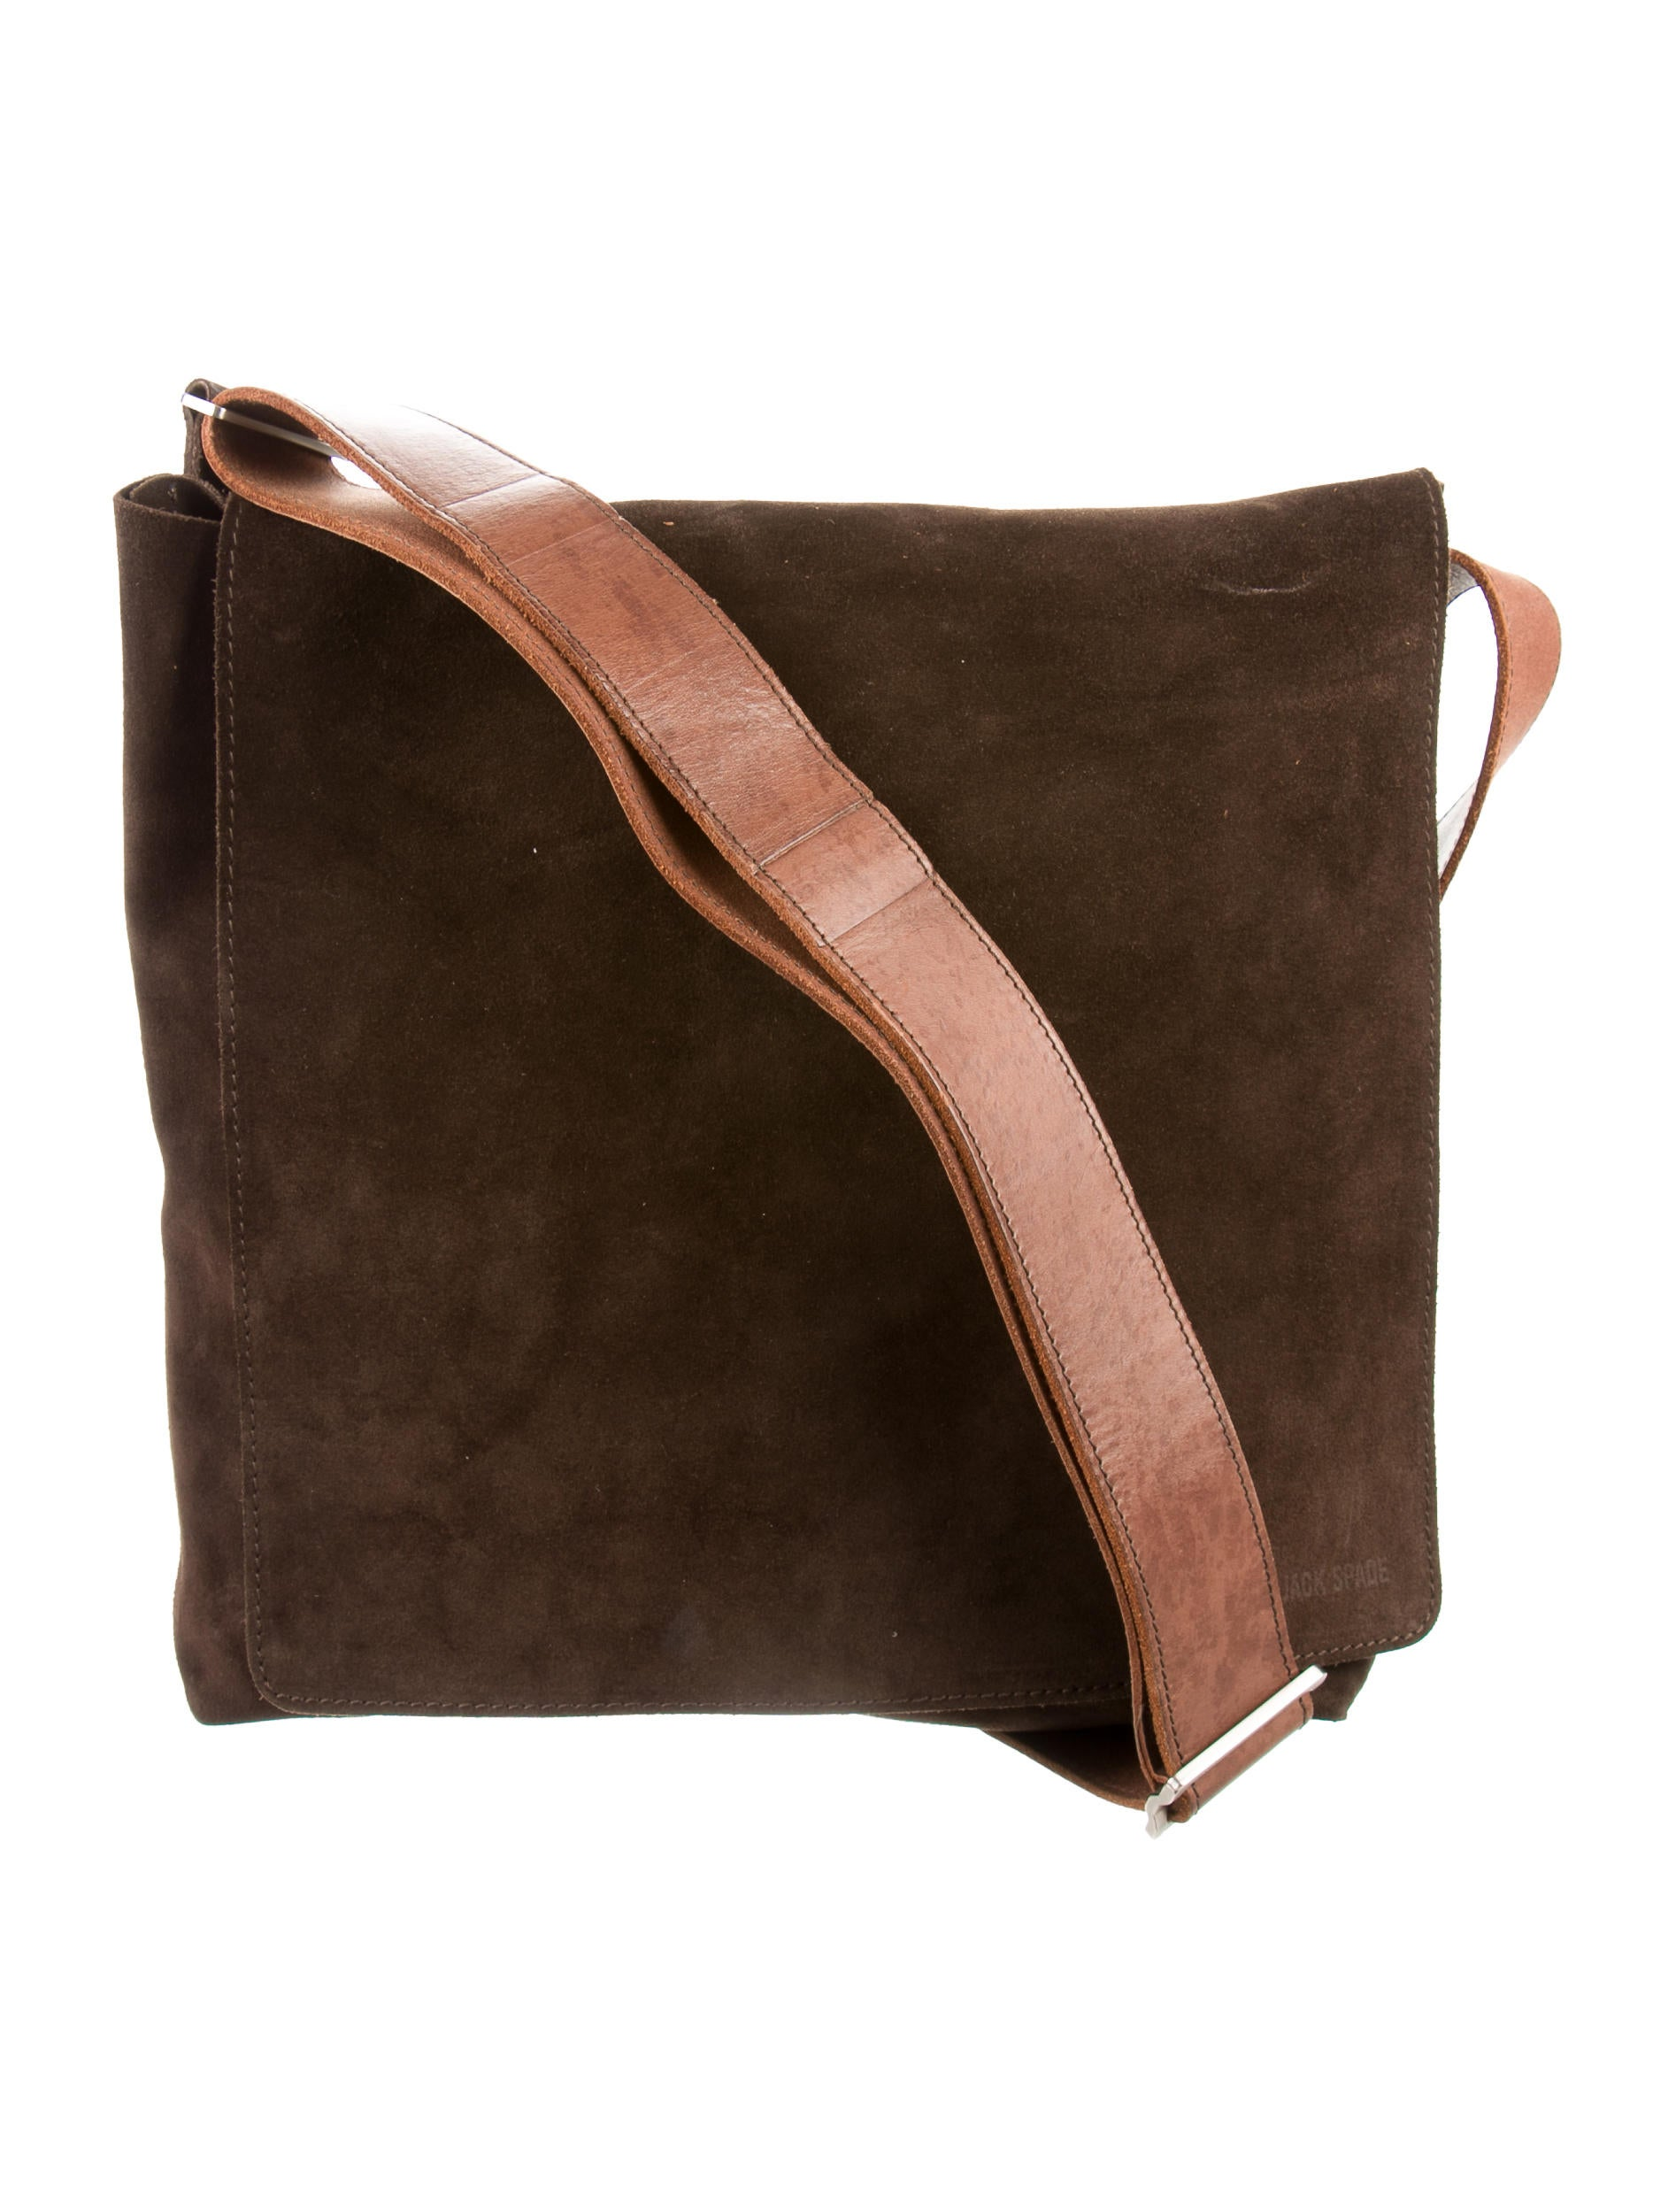 Jack Spade Suede Messenger Bag - Bags - JSP20708 | The RealReal